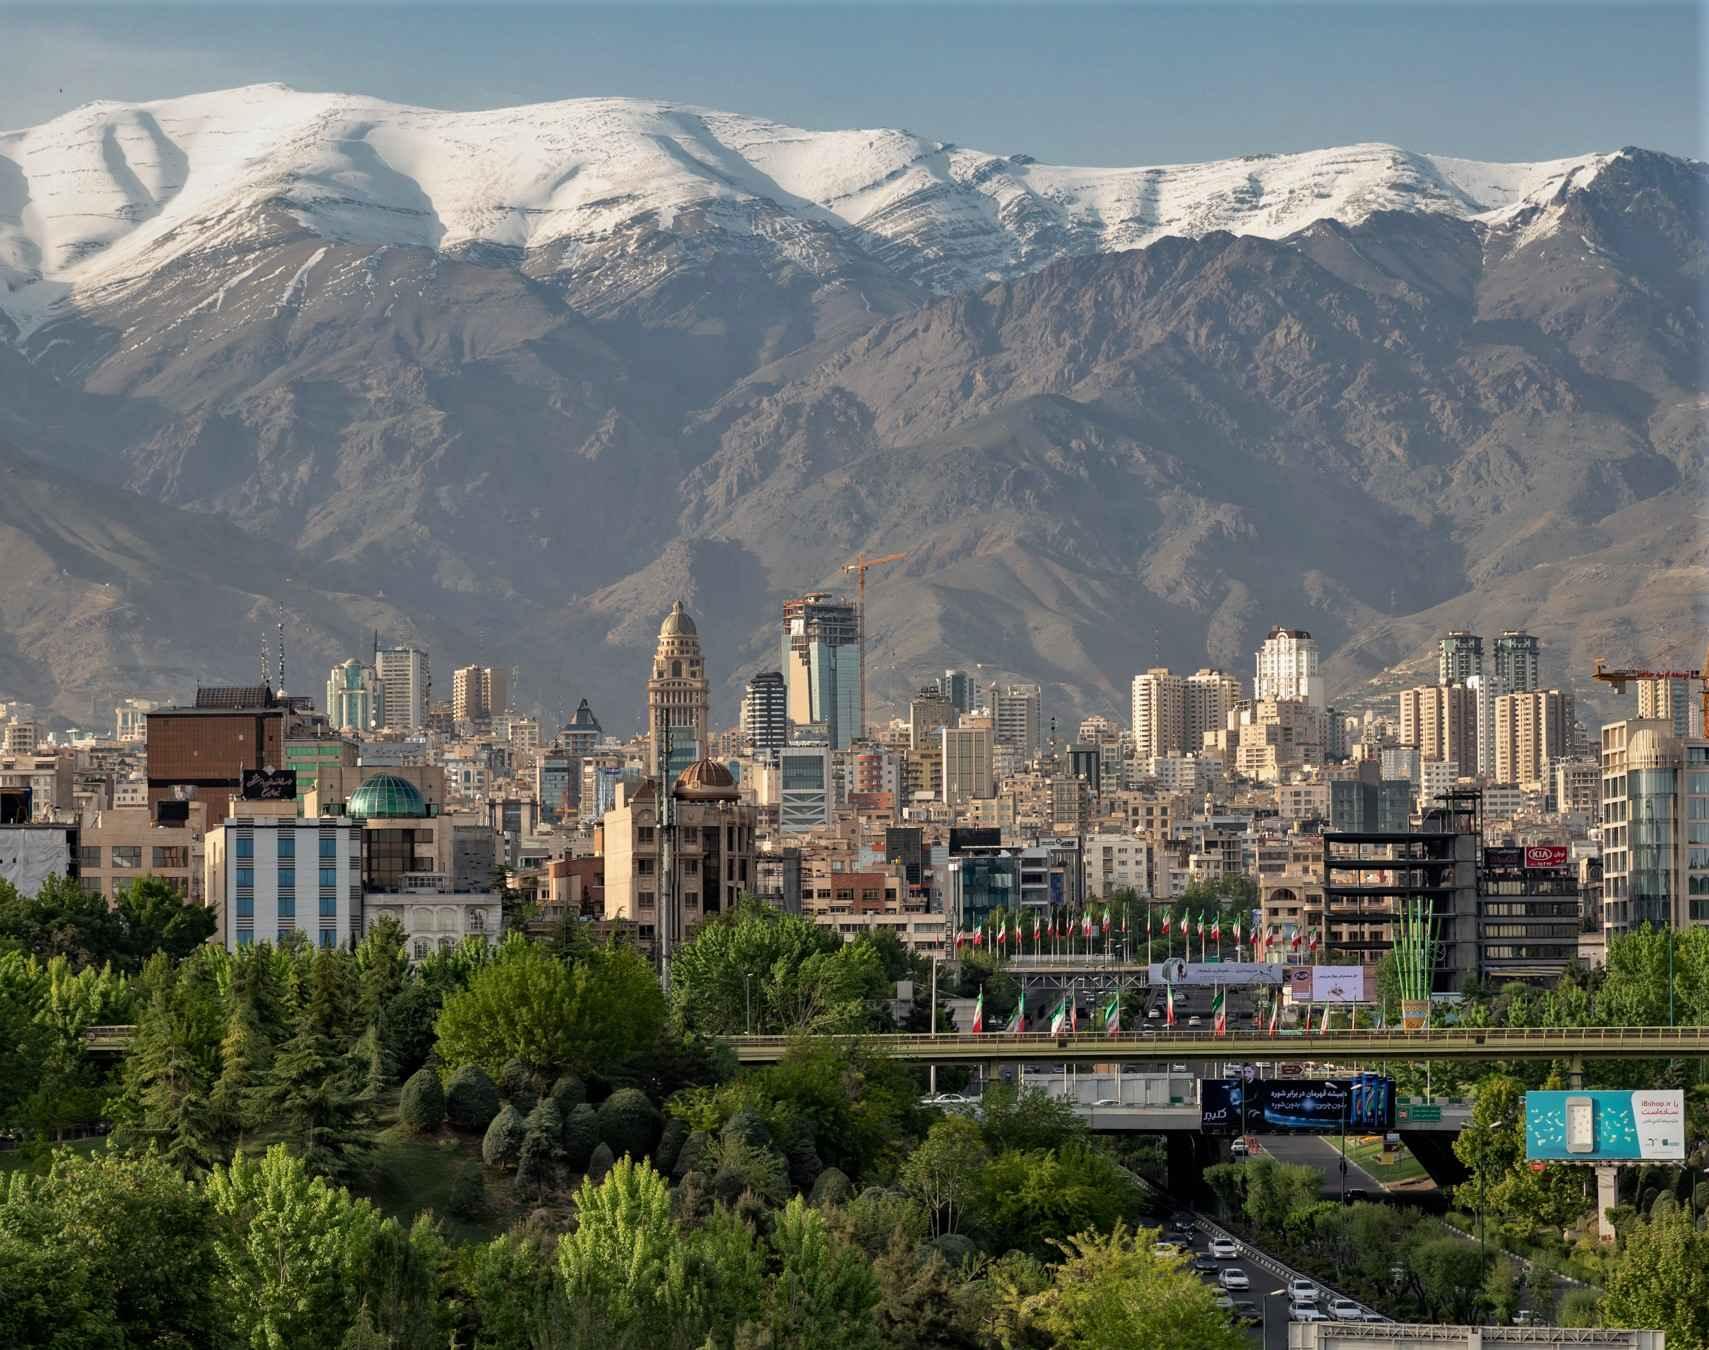 محدوده فرمانیه تهران کجاست؟